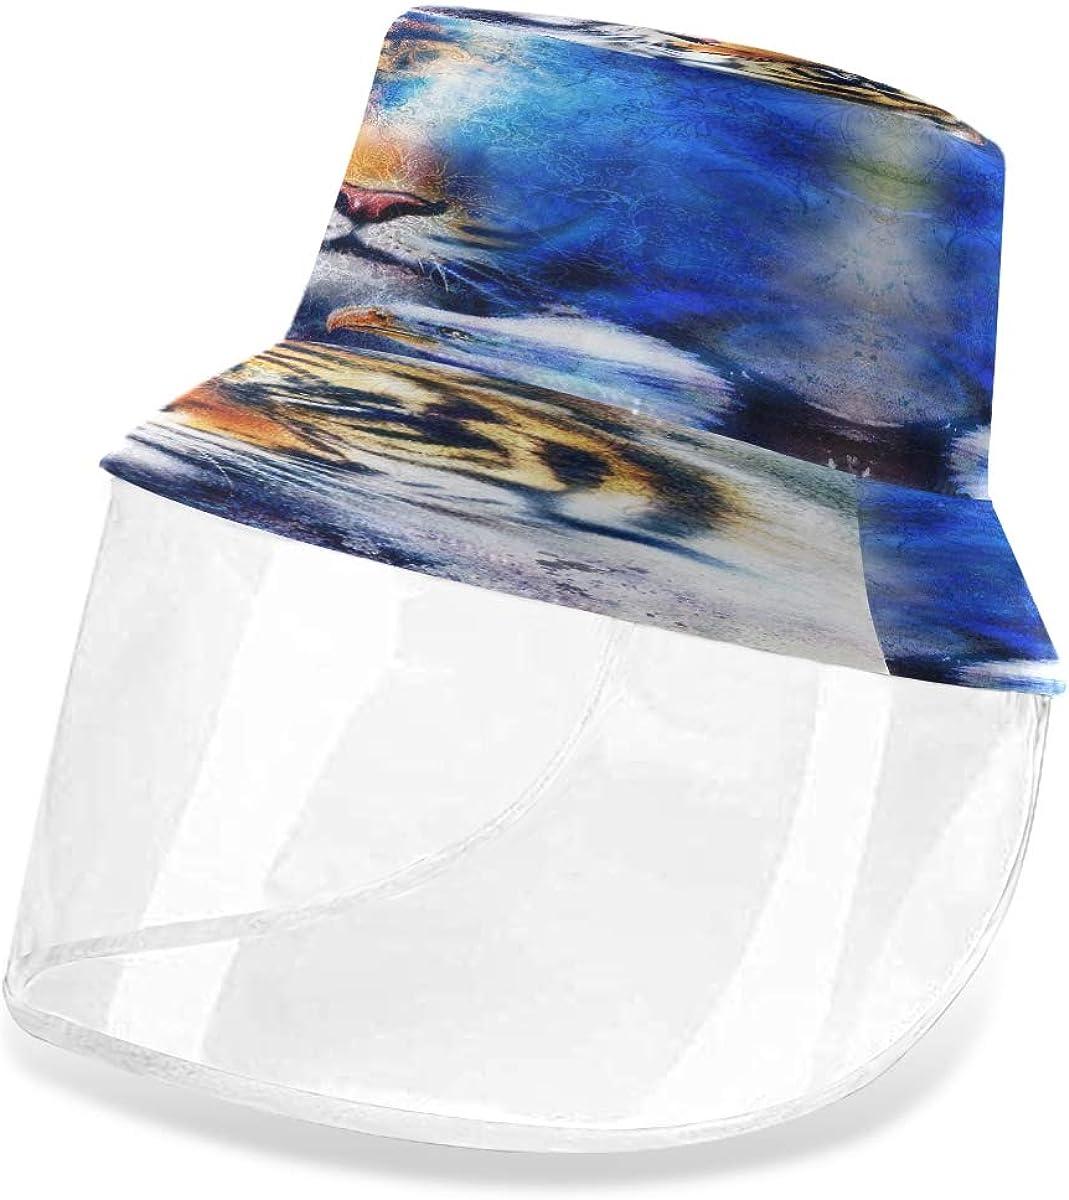 ALARGE - Gorro protector de pescador abstracto con águila tigre, anti polvo, sol, UV, con máscara de protección facial extraíble para hombres y mujeres al aire libre